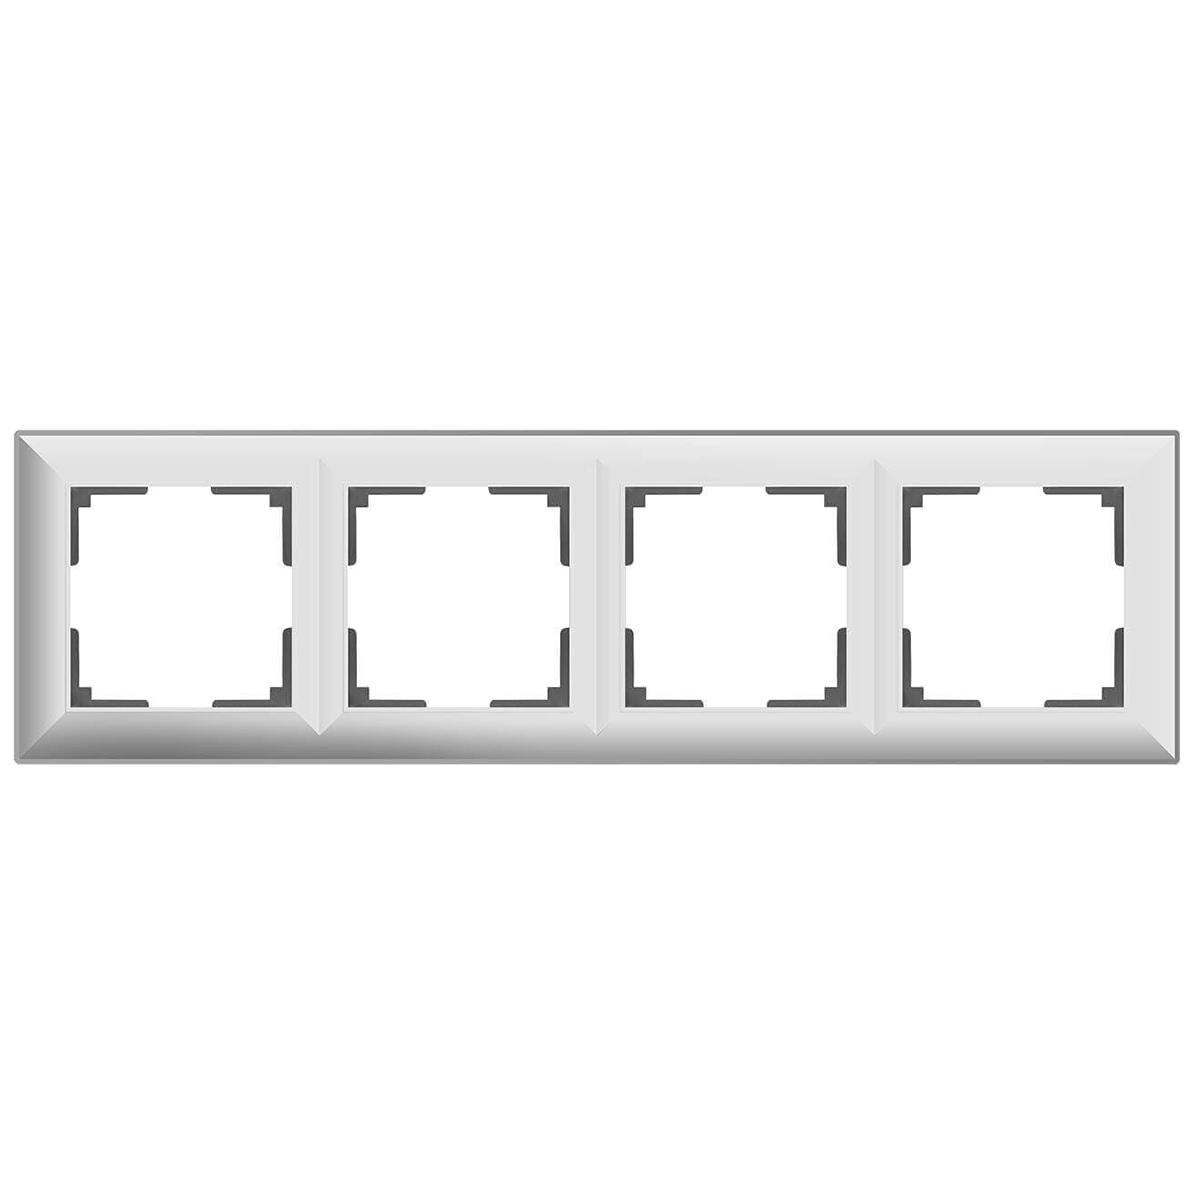 цена Рамка Fiore на 4 поста белый WL14-Frame-04 4690389109157 онлайн в 2017 году